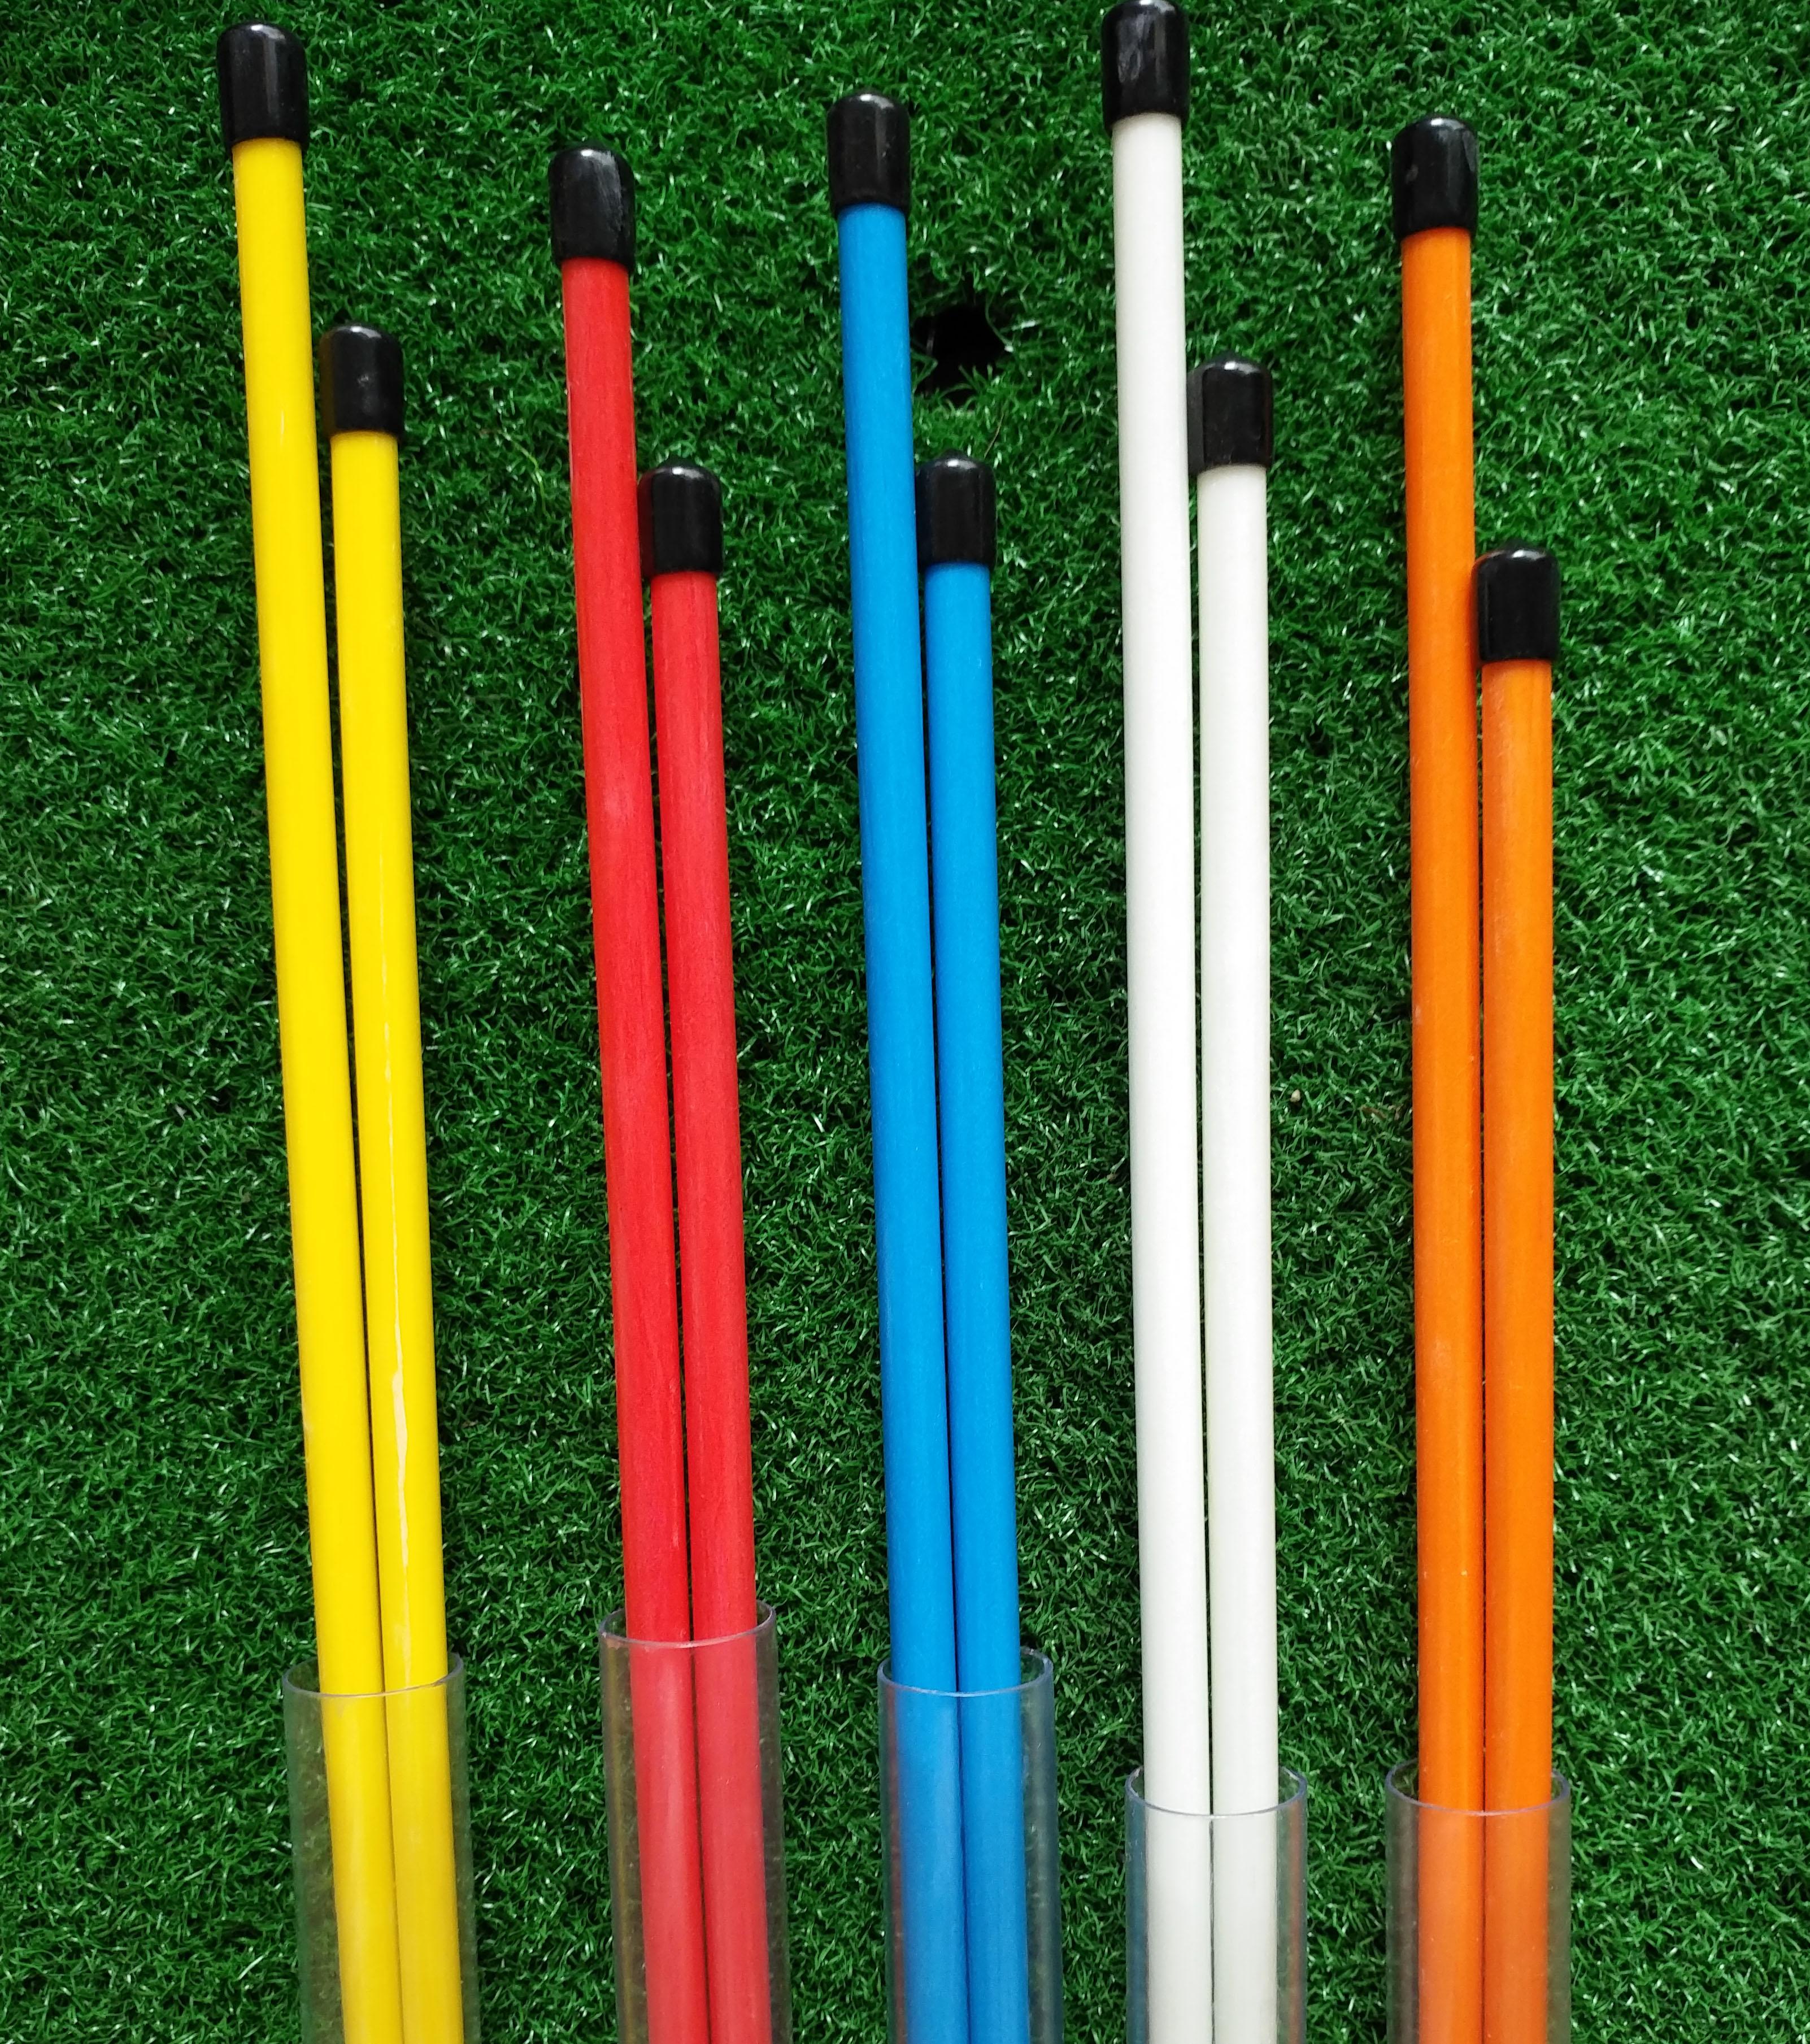 Гольф команда поляк направление инструкция устройство короткая клюшка тренажёр гольф направление инструкция палка обучение помощь статьи